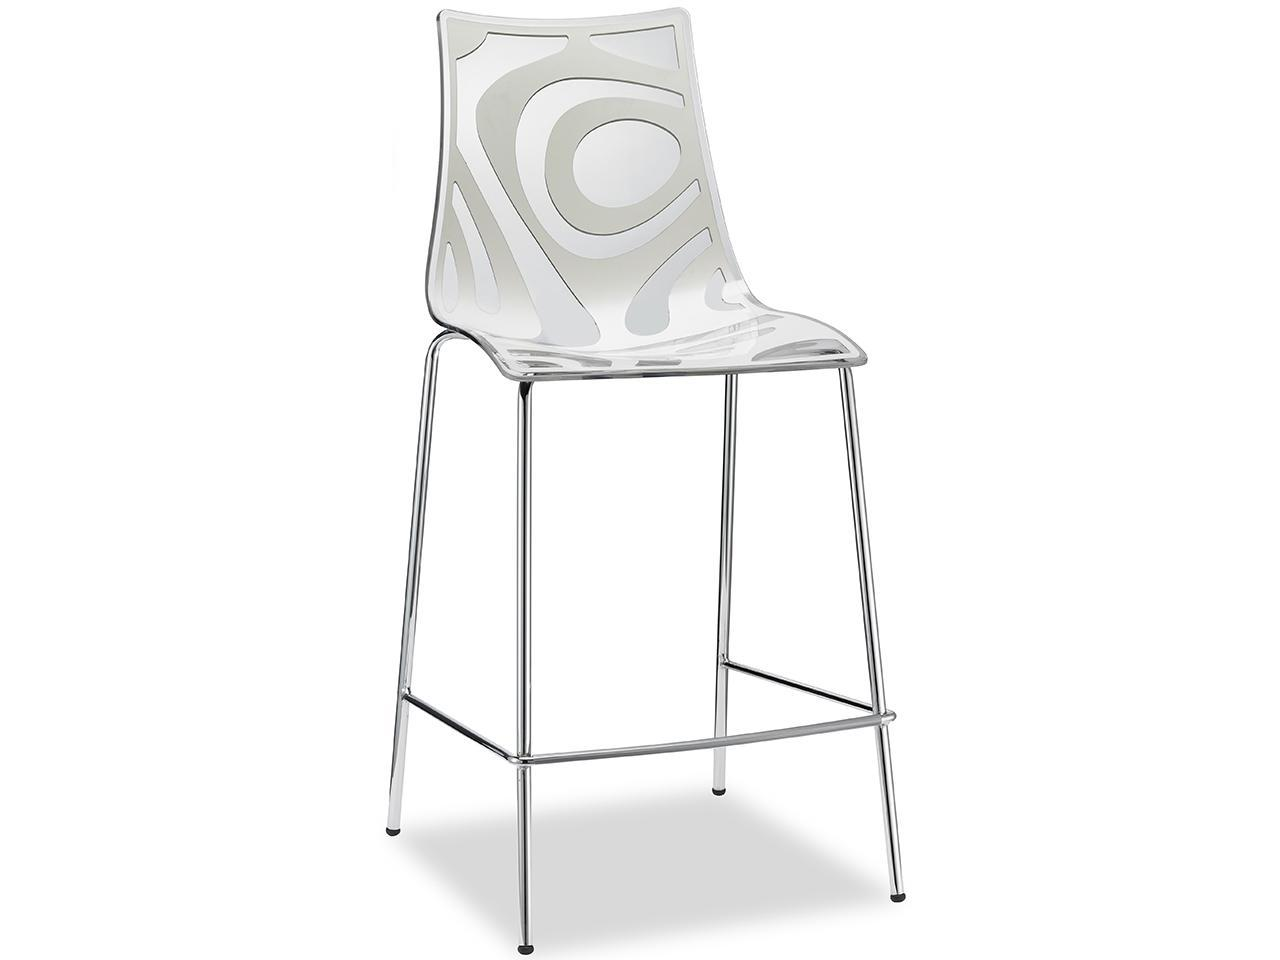 Полубарный пластиковый стул Wave Barstool